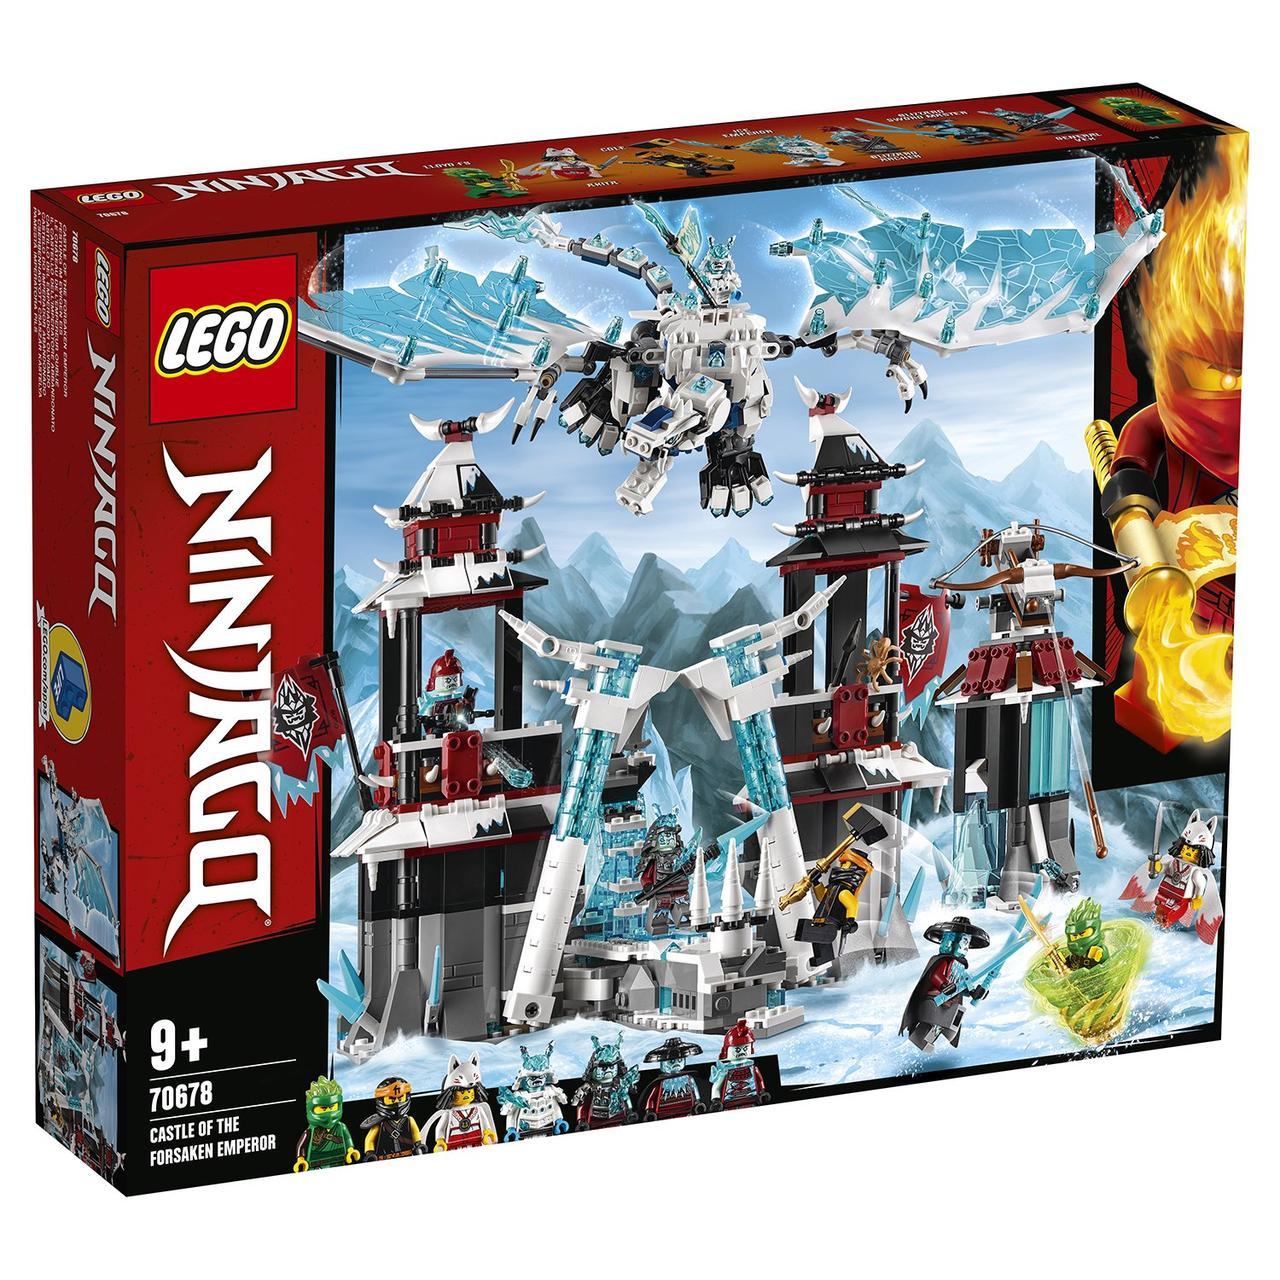 70678 Lego Ninjago Замок проклятого императора, Лего Ниндзяго